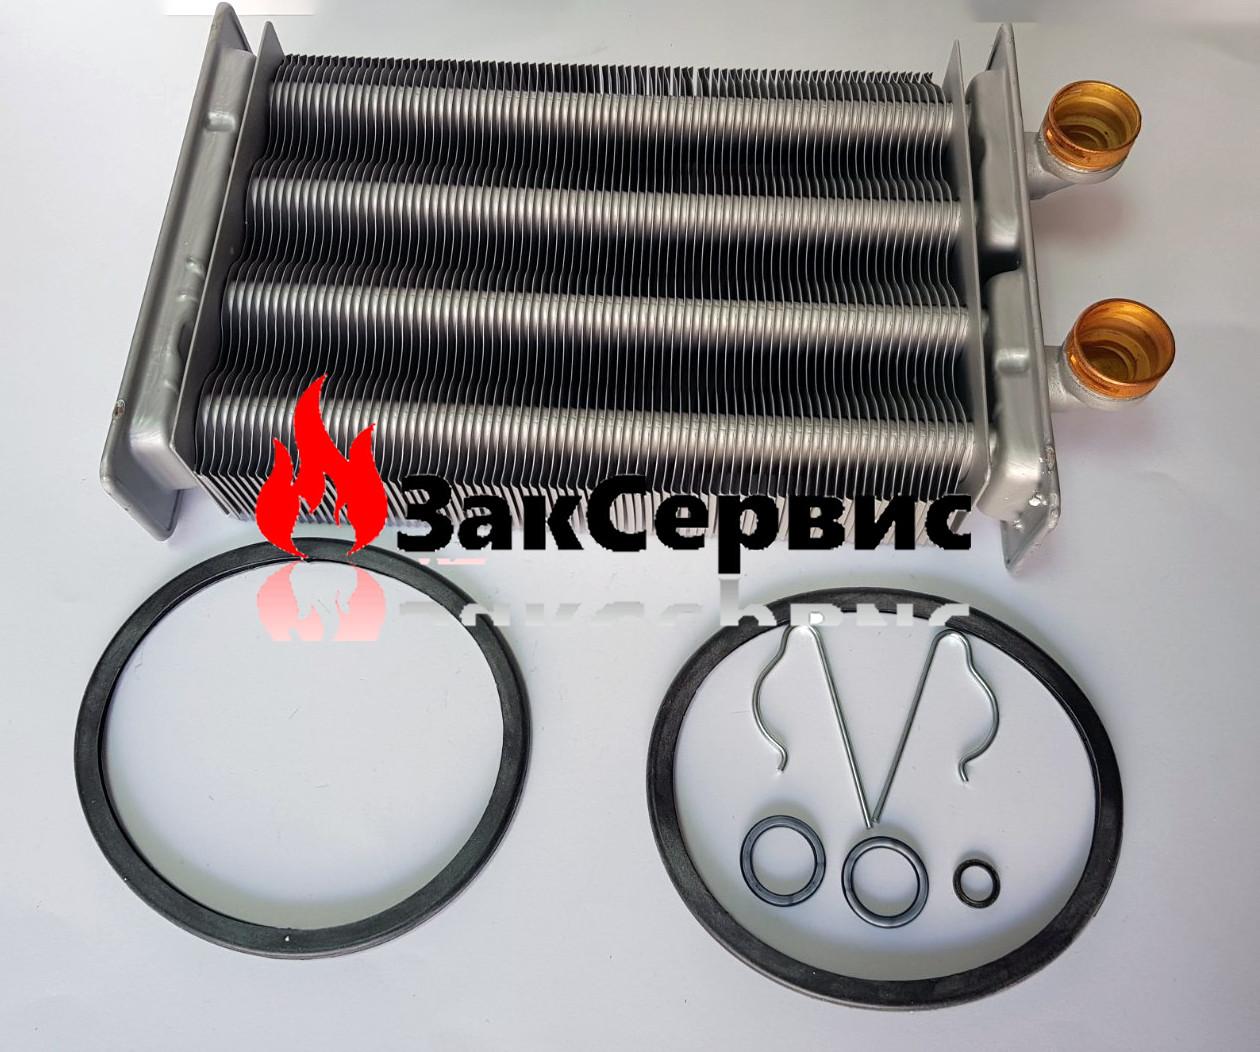 Теплообменник первичный на газовый котел Beretta City J 24 CAI, Mynute, Exclusive R20052572